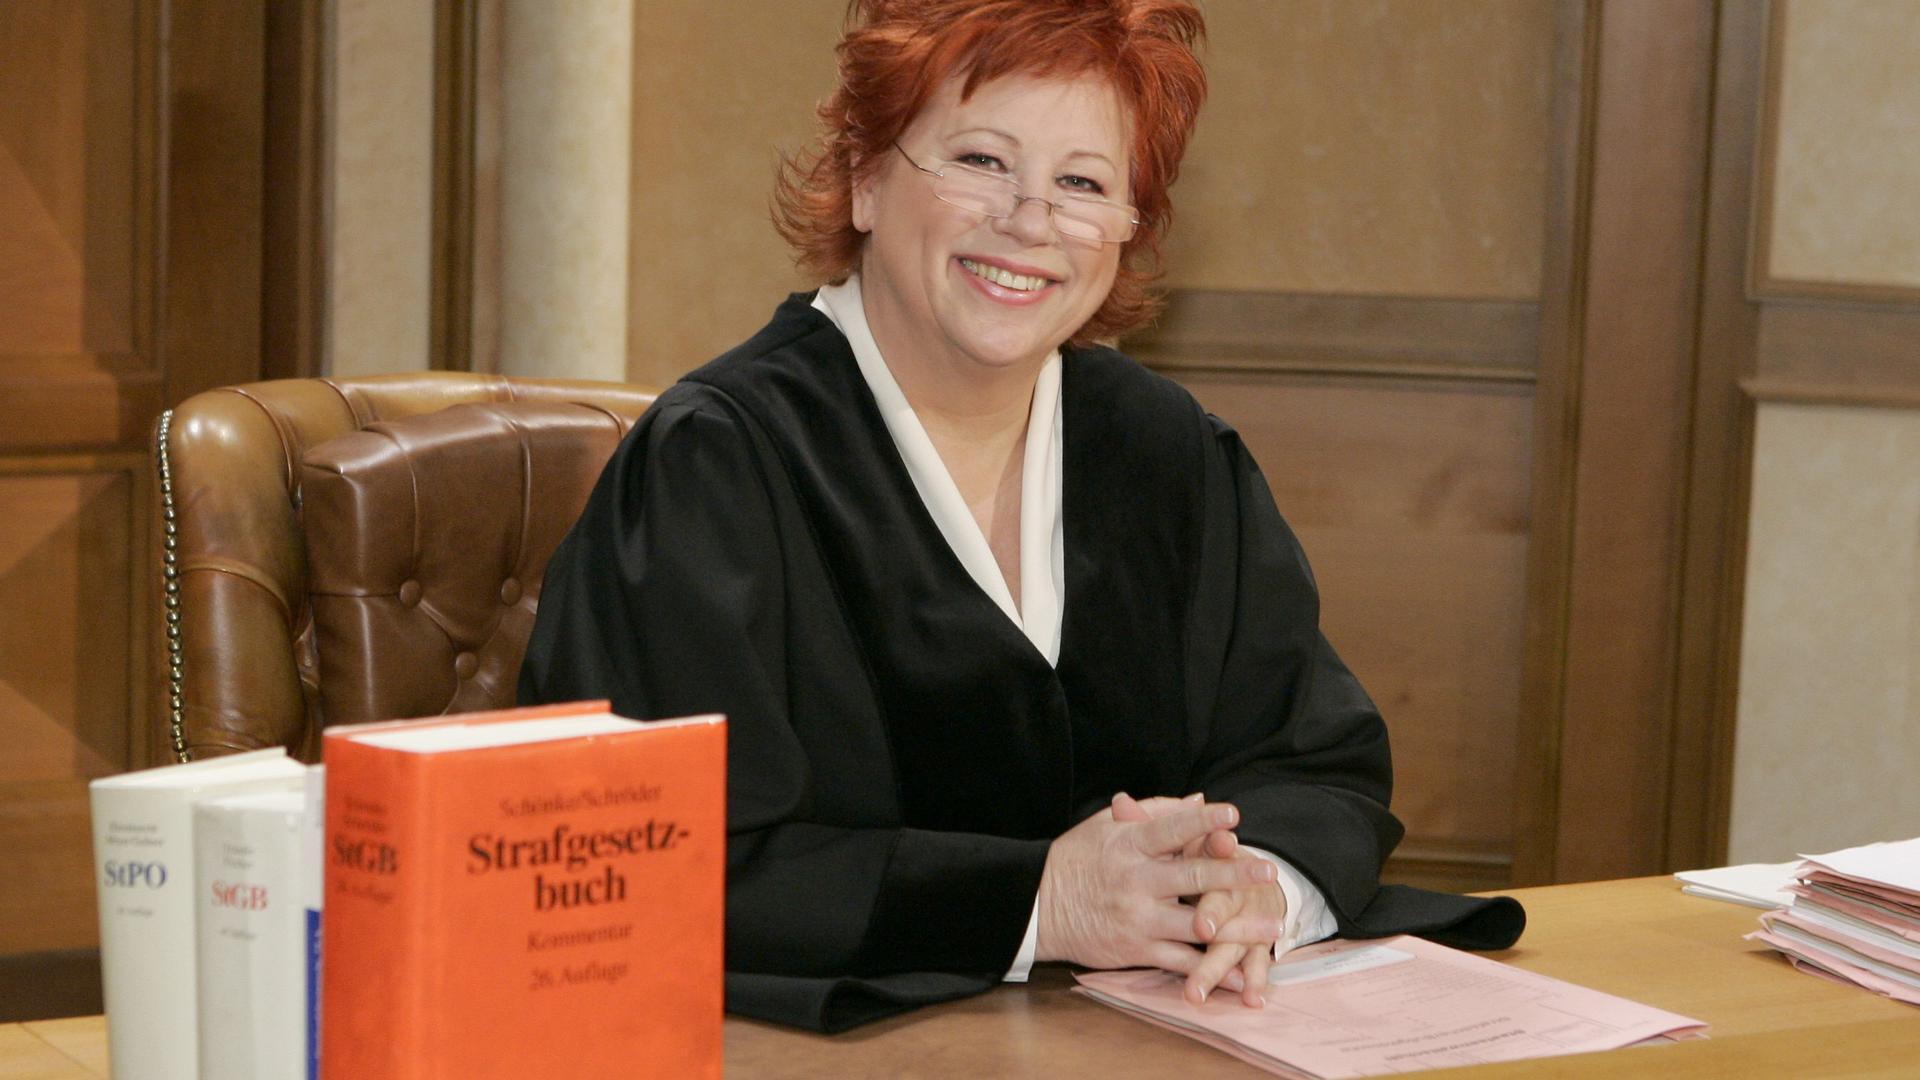 Barbara Salesch am Richtertisch im Gerichtssaal